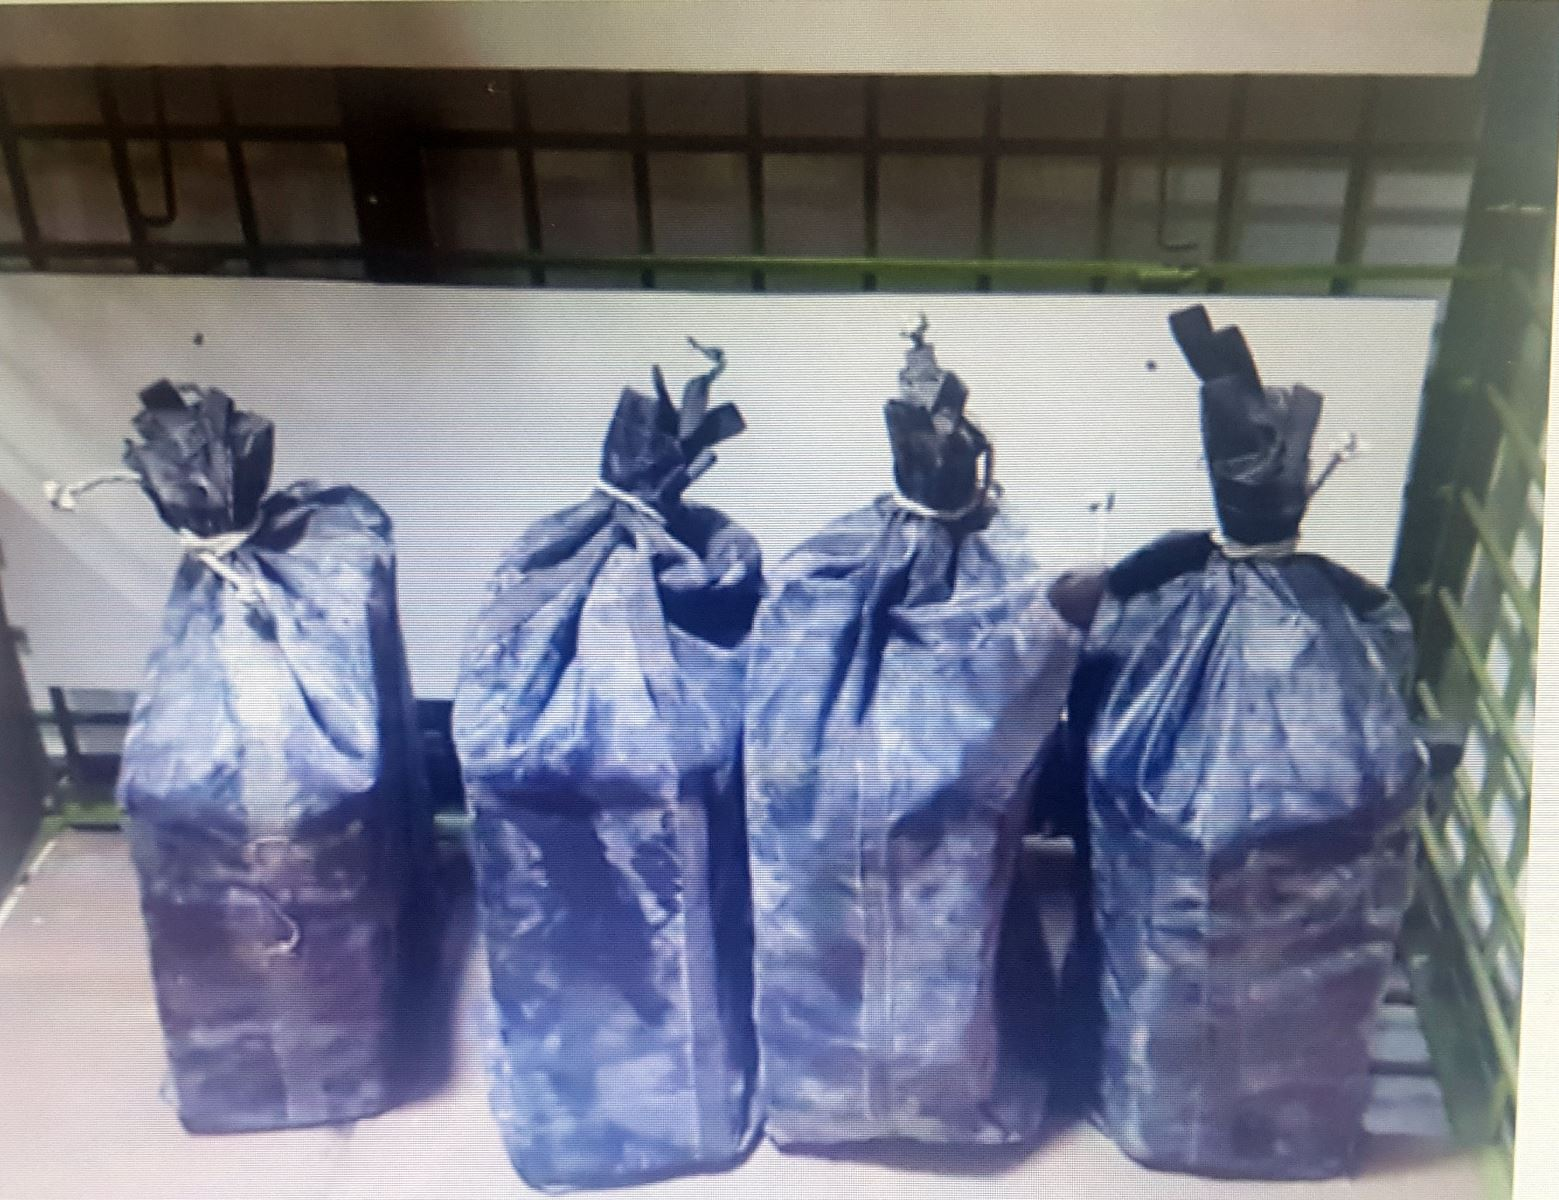 נעצרו שני תושבי אילת שניסו להבריח סמים ב-40 מיליון ₪